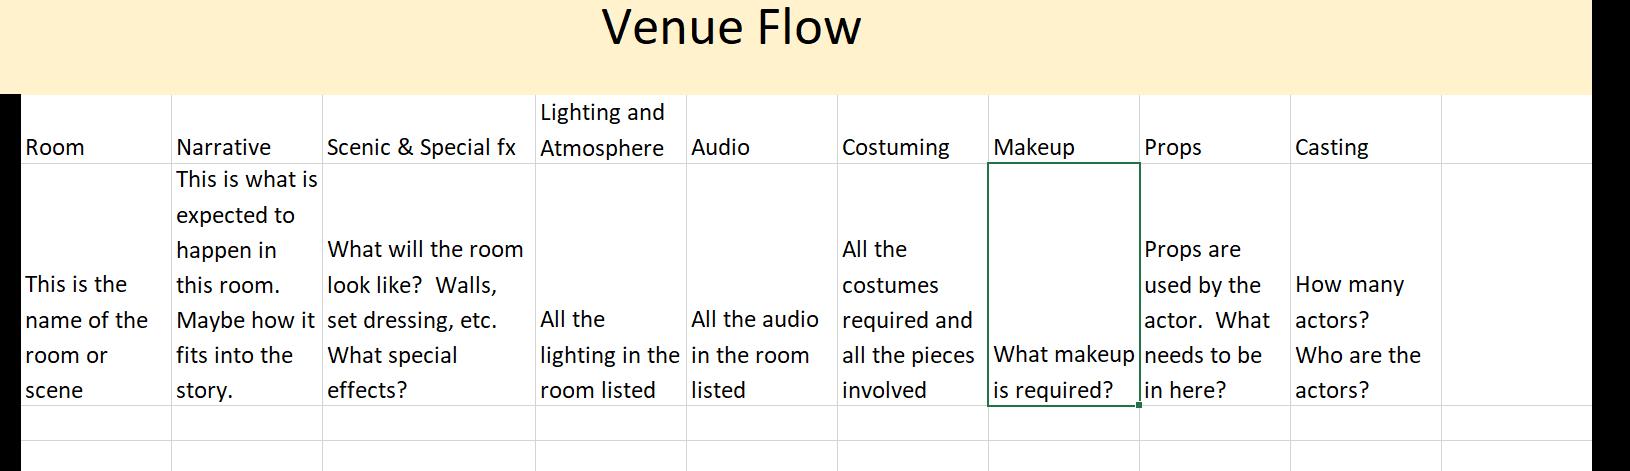 Name:  venue flow image.PNG Views: 54 Size:  43.8 KB